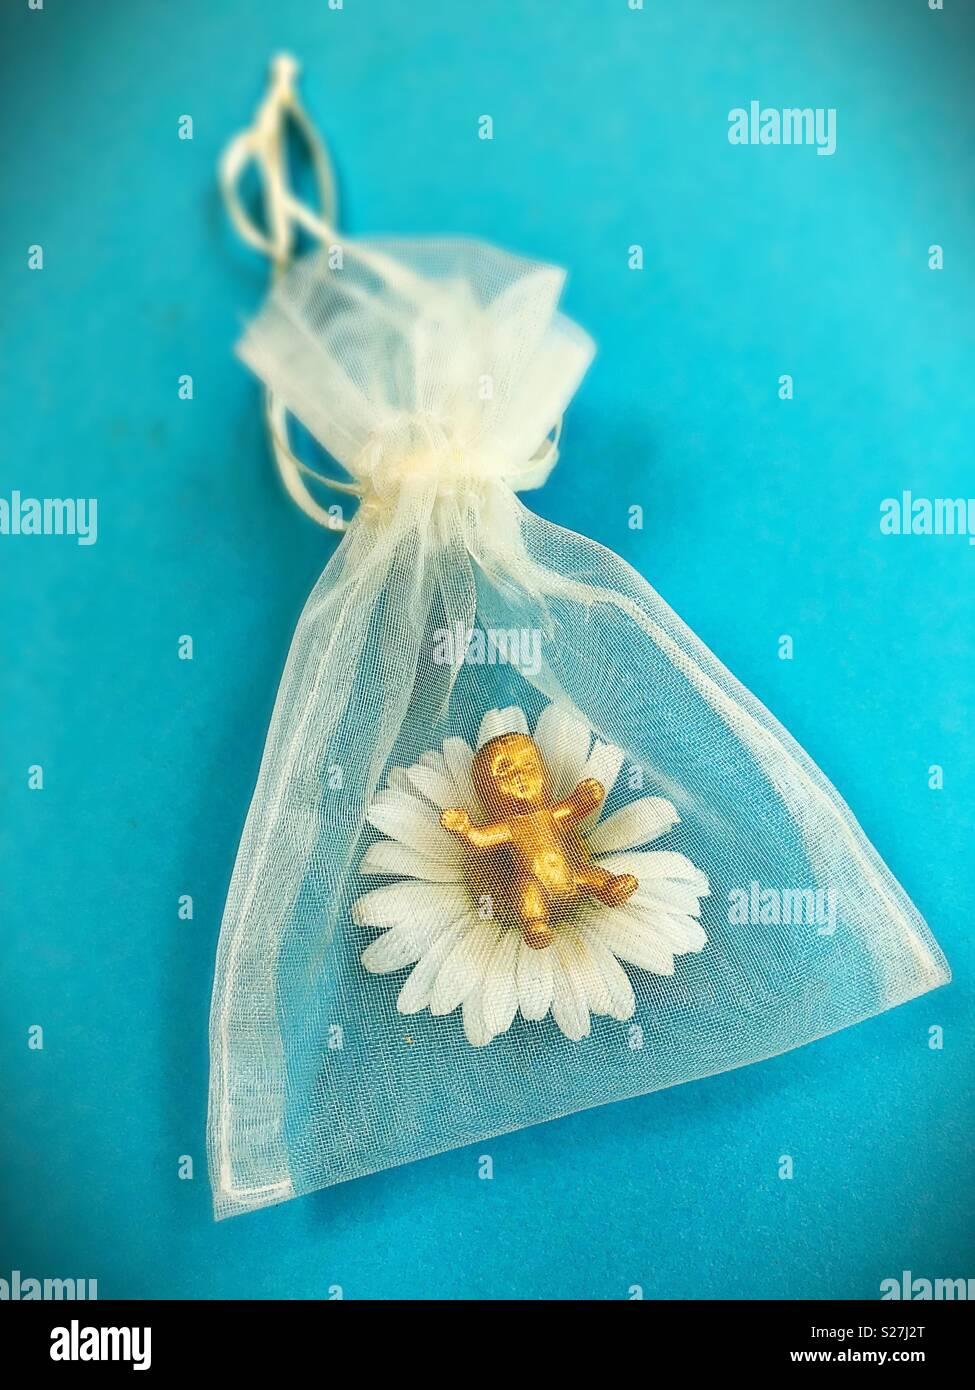 Un oro baby di plastica in un sacchetto trasparente. Immagini Stock